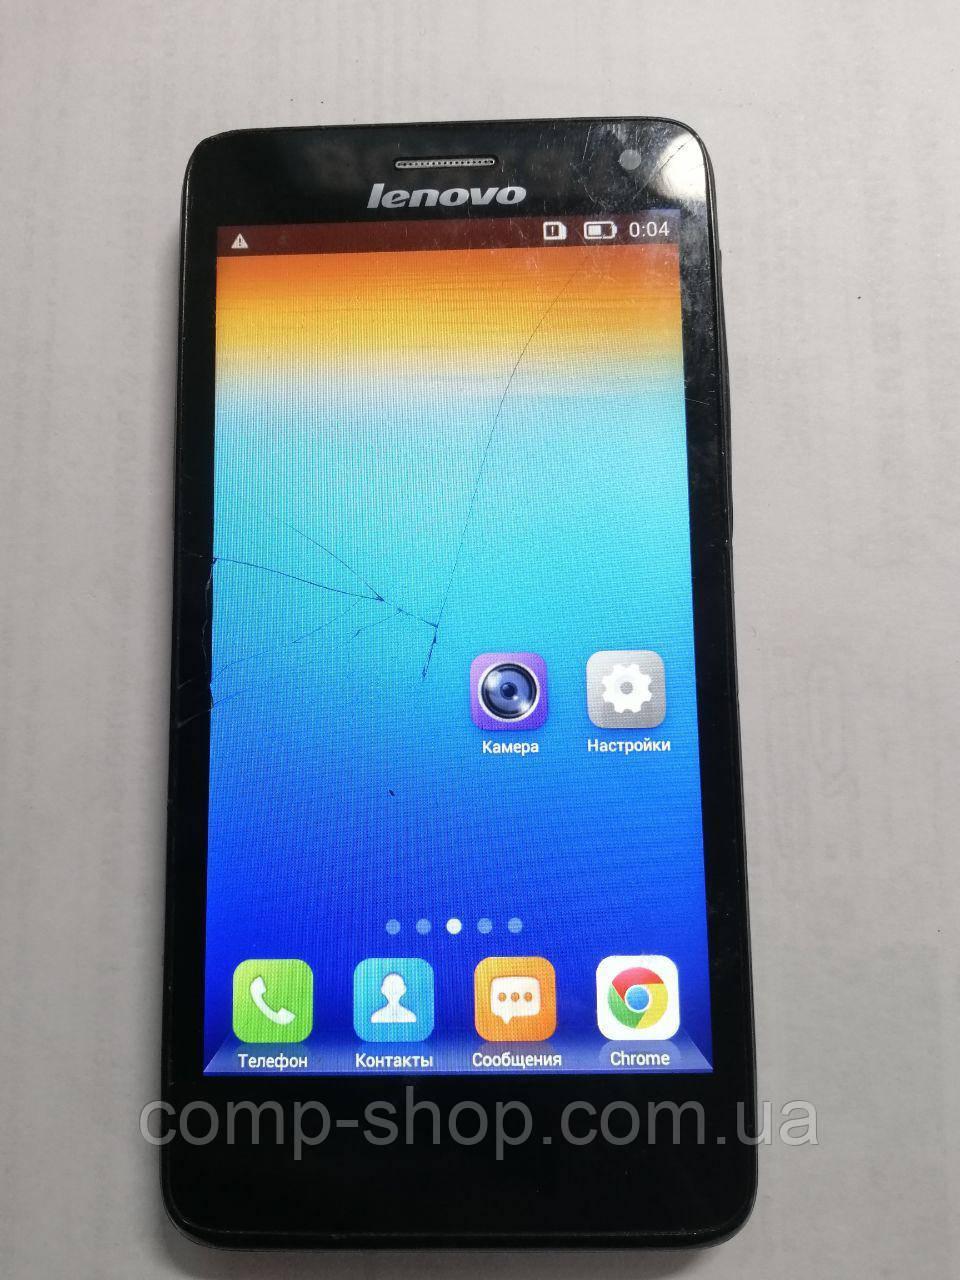 Телефон Lenovo s660, 8Gb